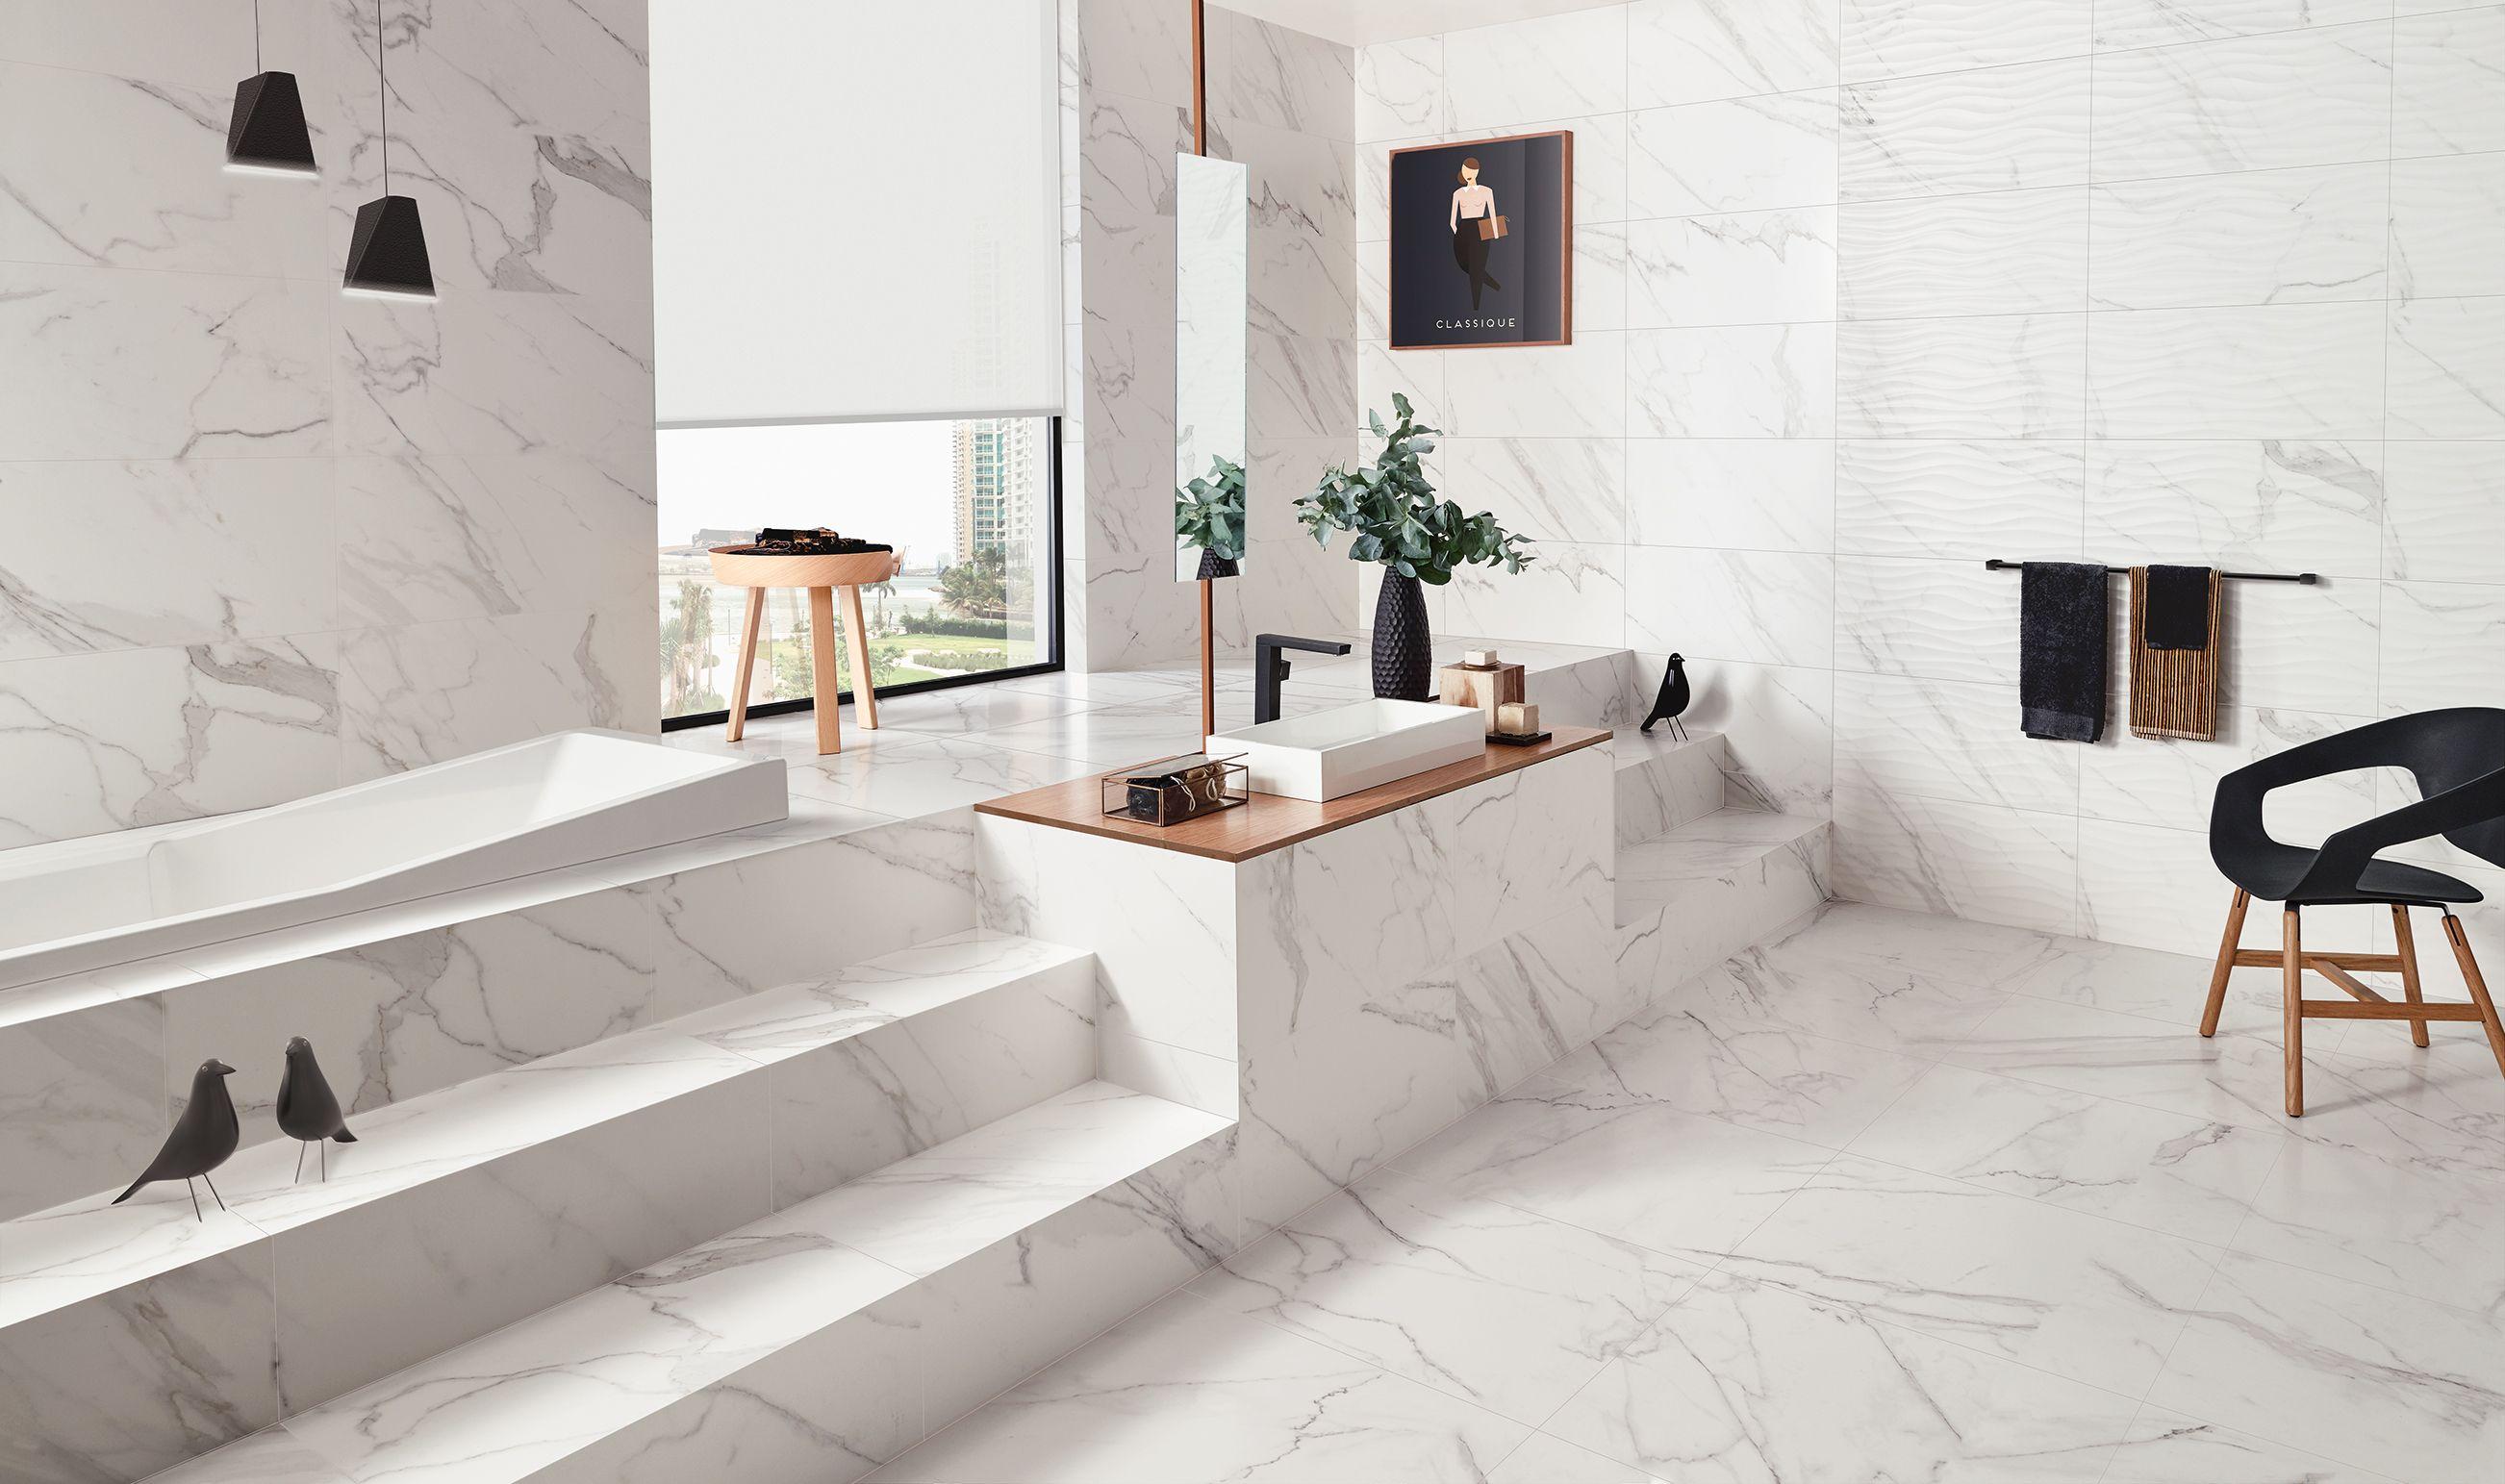 Amazing 1 Ceramic Tile Tall 13X13 Ceramic Tile Flat 2 X 2 Ceramic Tile 2 X 4 Subway Tile Young 24X24 Ceramic Tile Gray2X2 Suspended Ceiling Tiles Floortiles #ceramictiles #marble #calacatta #imitation #ceramics ..